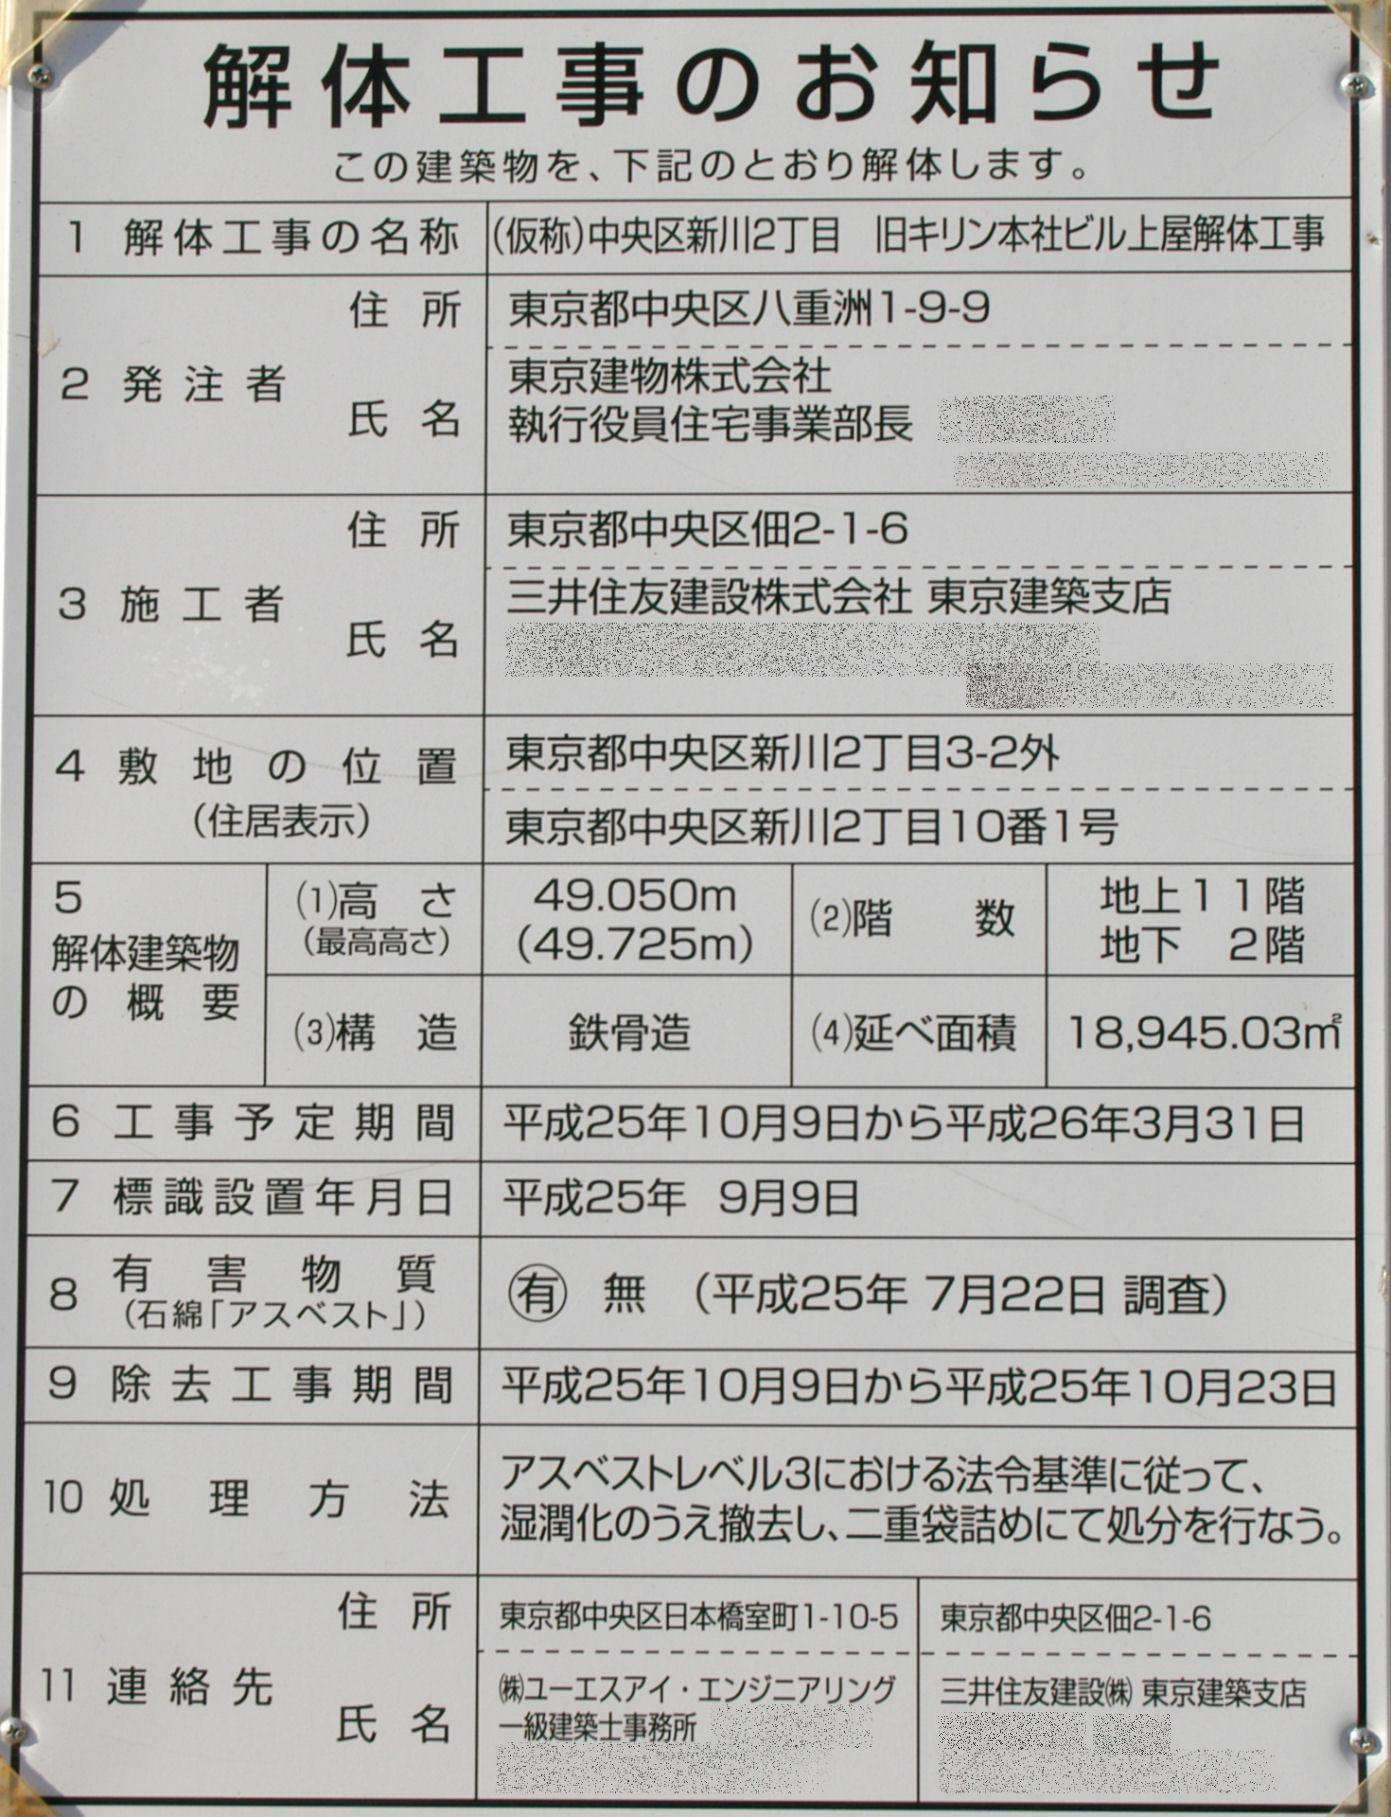 shinkawa14020176e.jpg